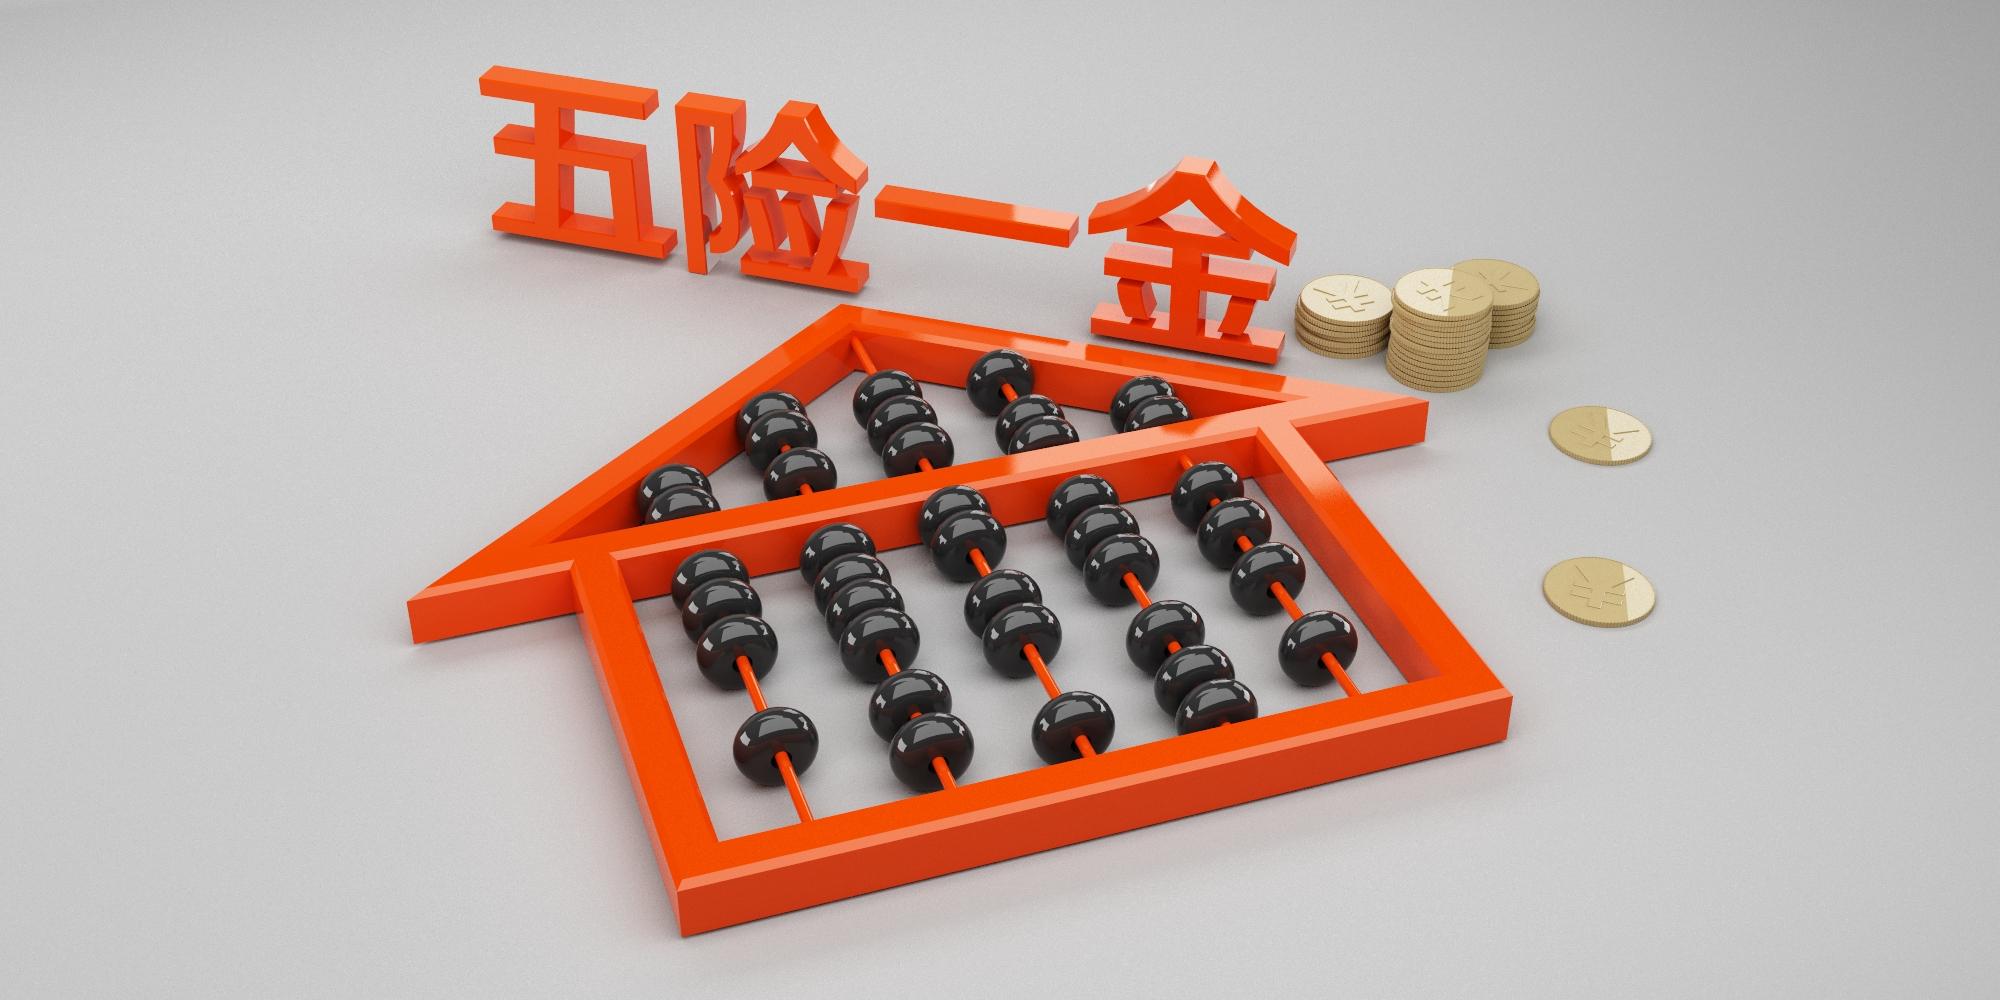 杭州电工没工资,要怎么买社保?